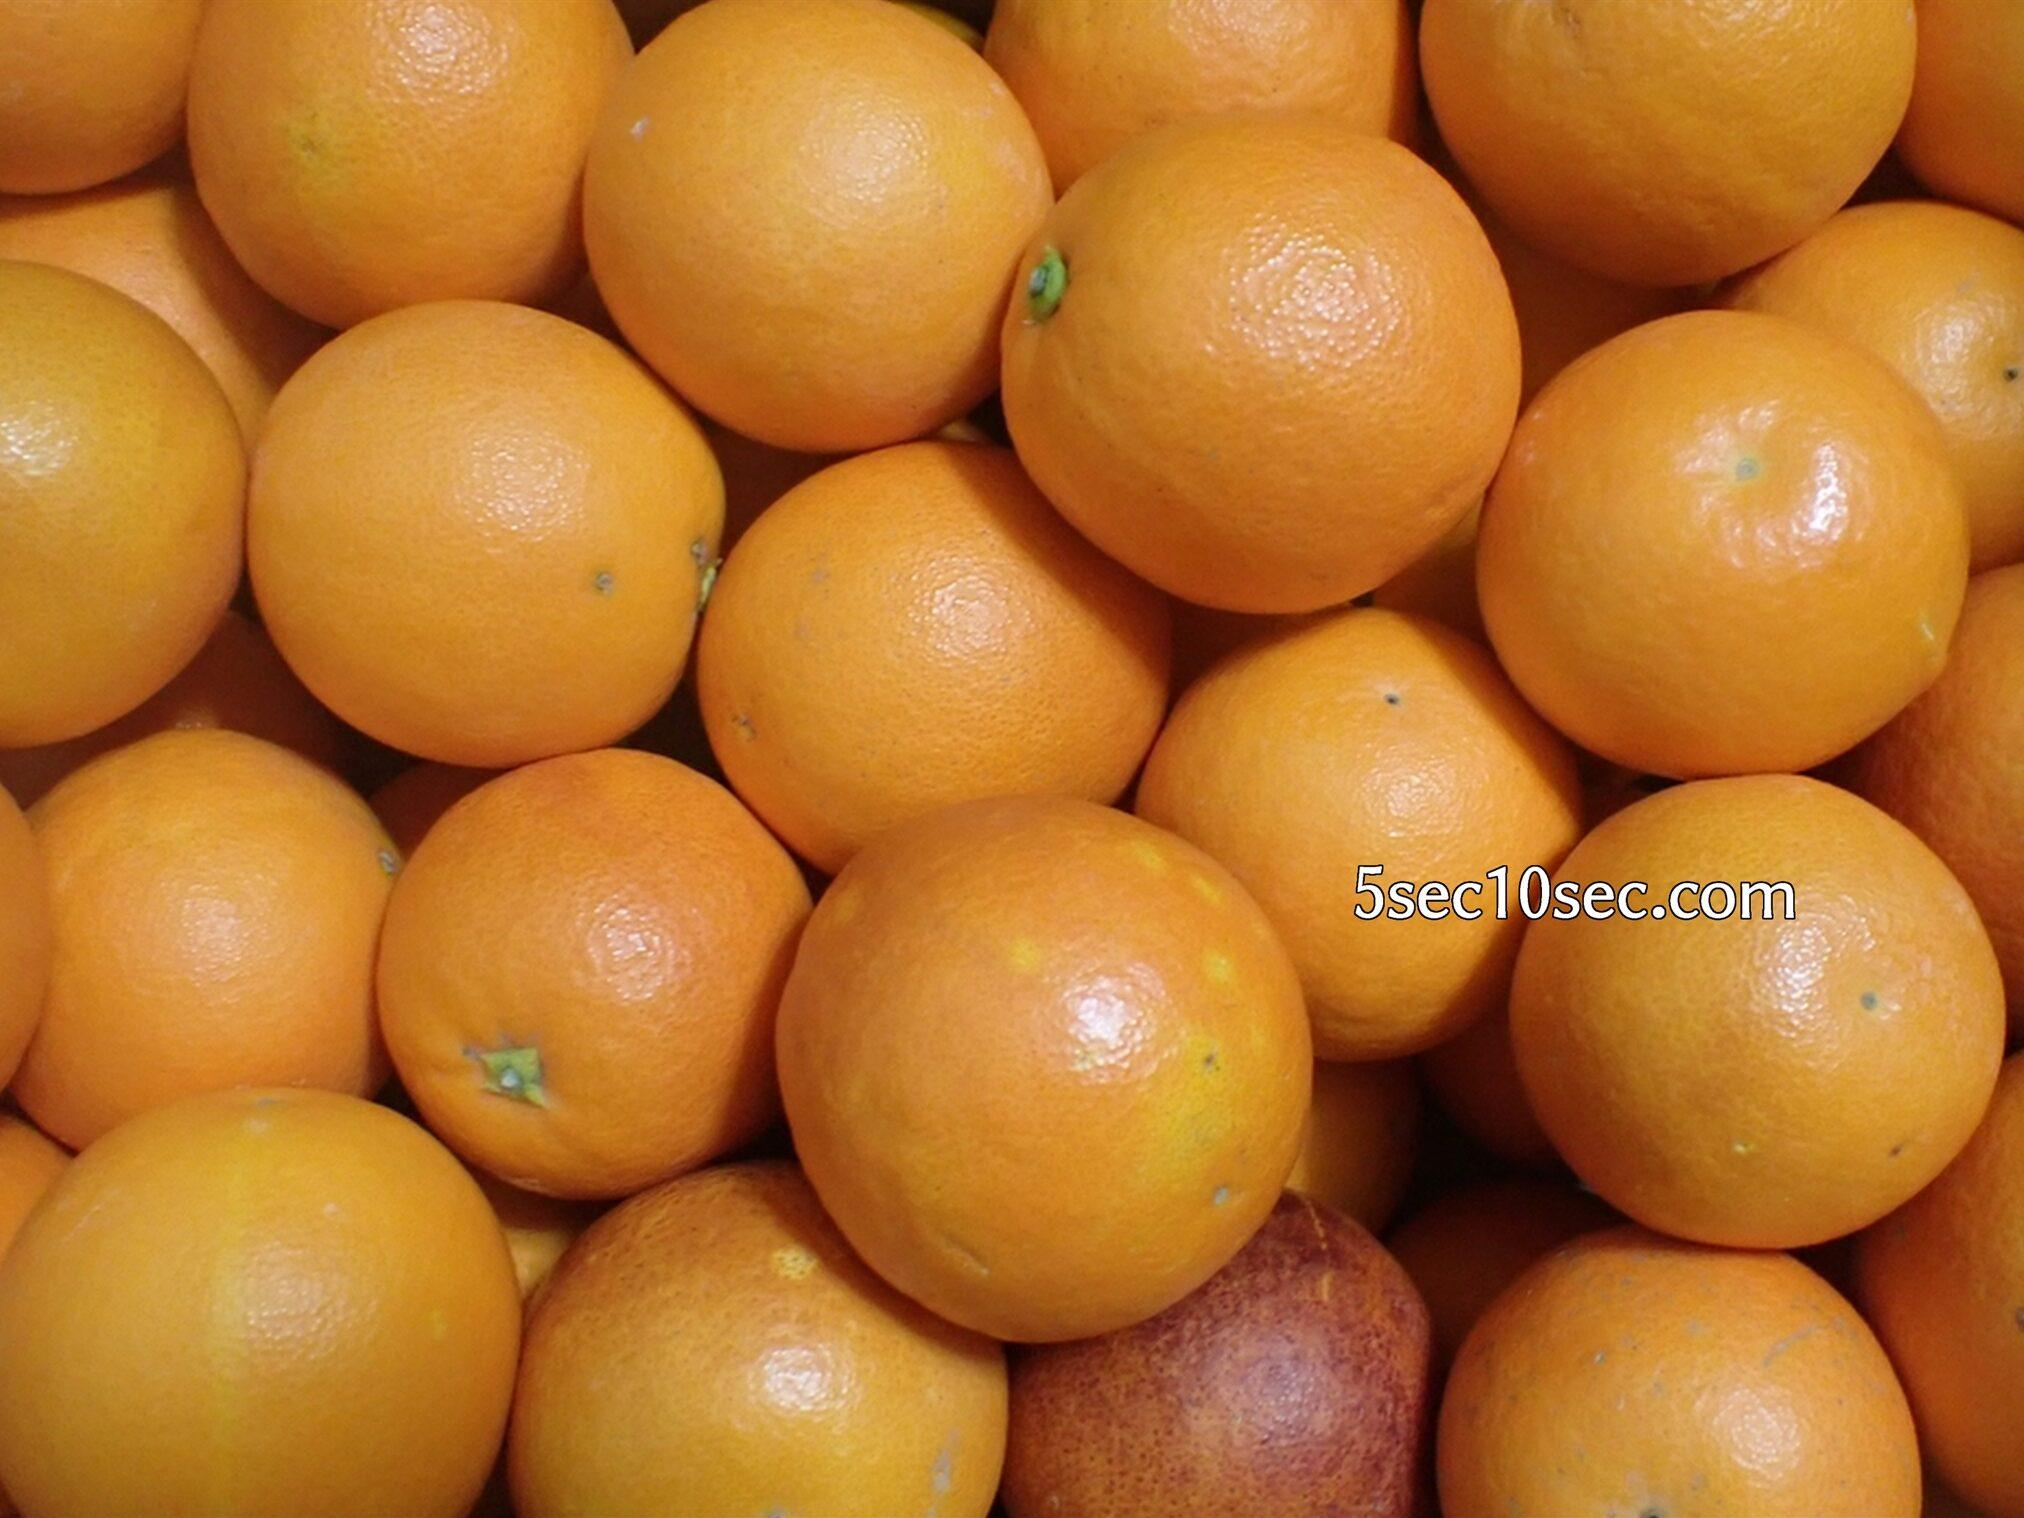 ブラッドオレンジ モロ種、タロッコ種 混合